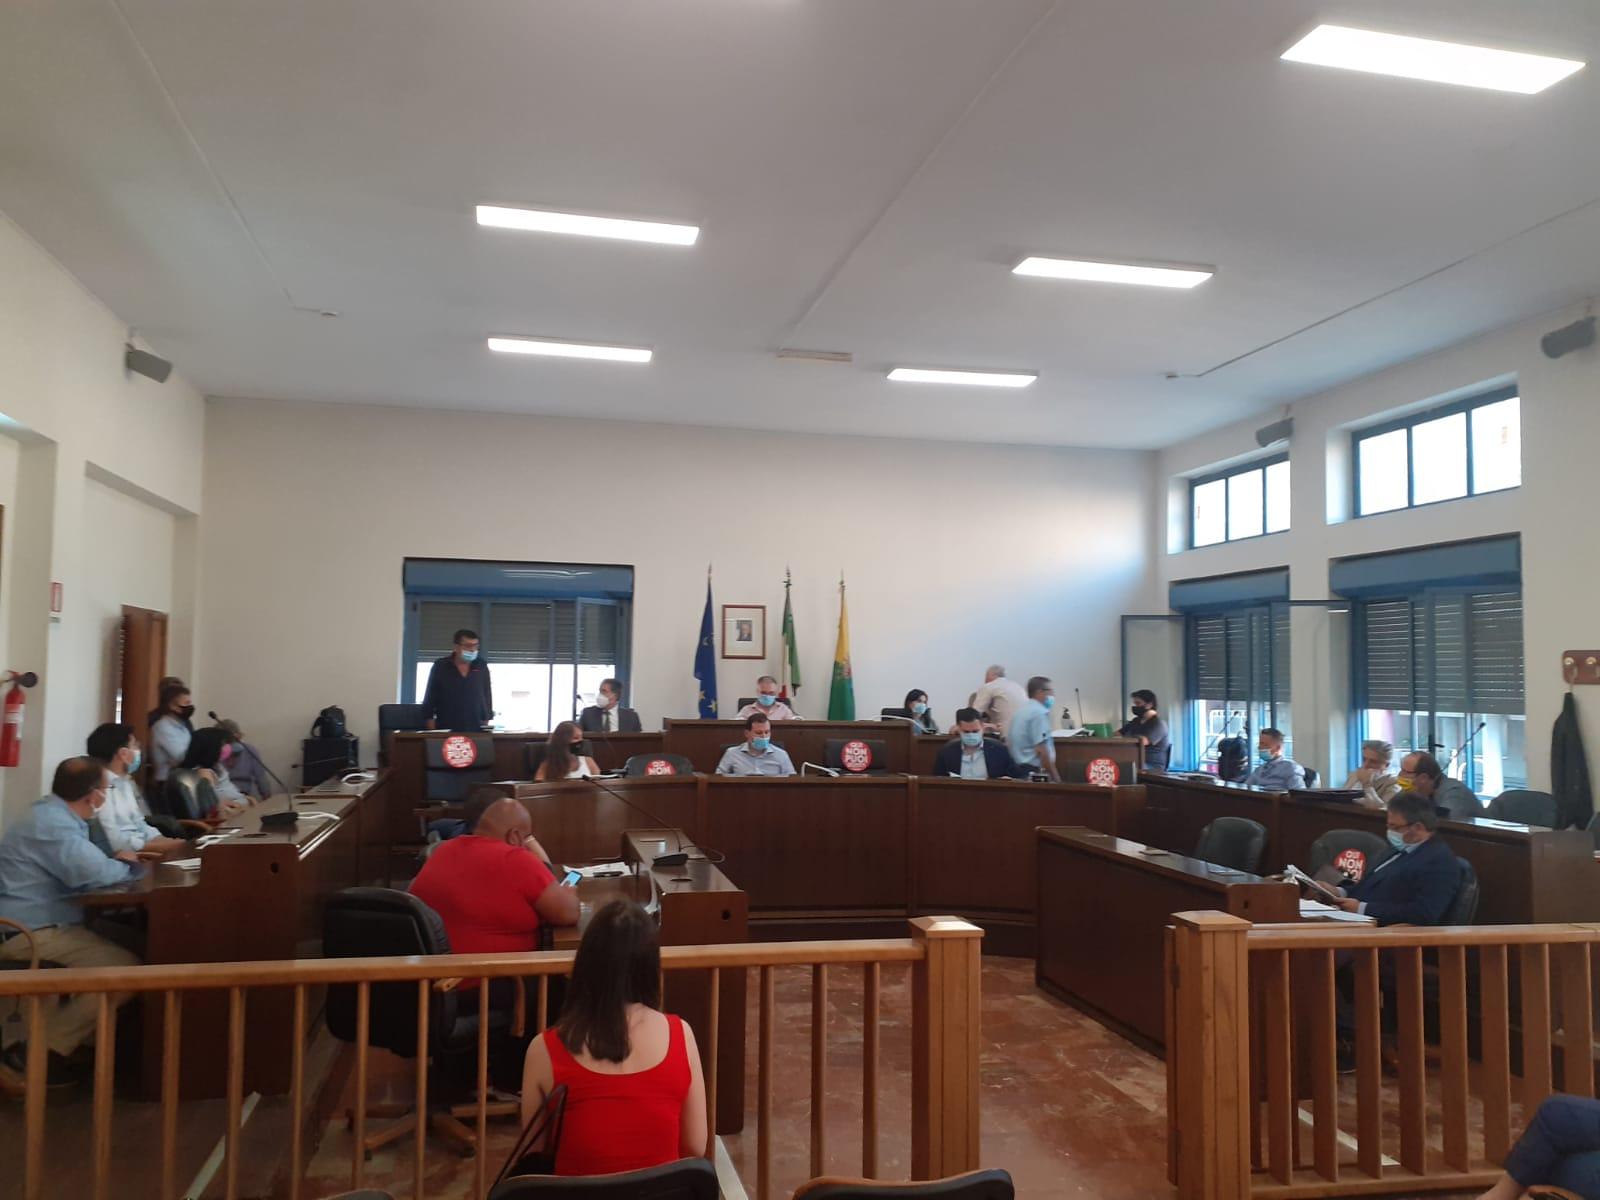 Nocera Superiore, consiglio comunale: la voce libera di radiomarciapiede mostra la propria contrarietà